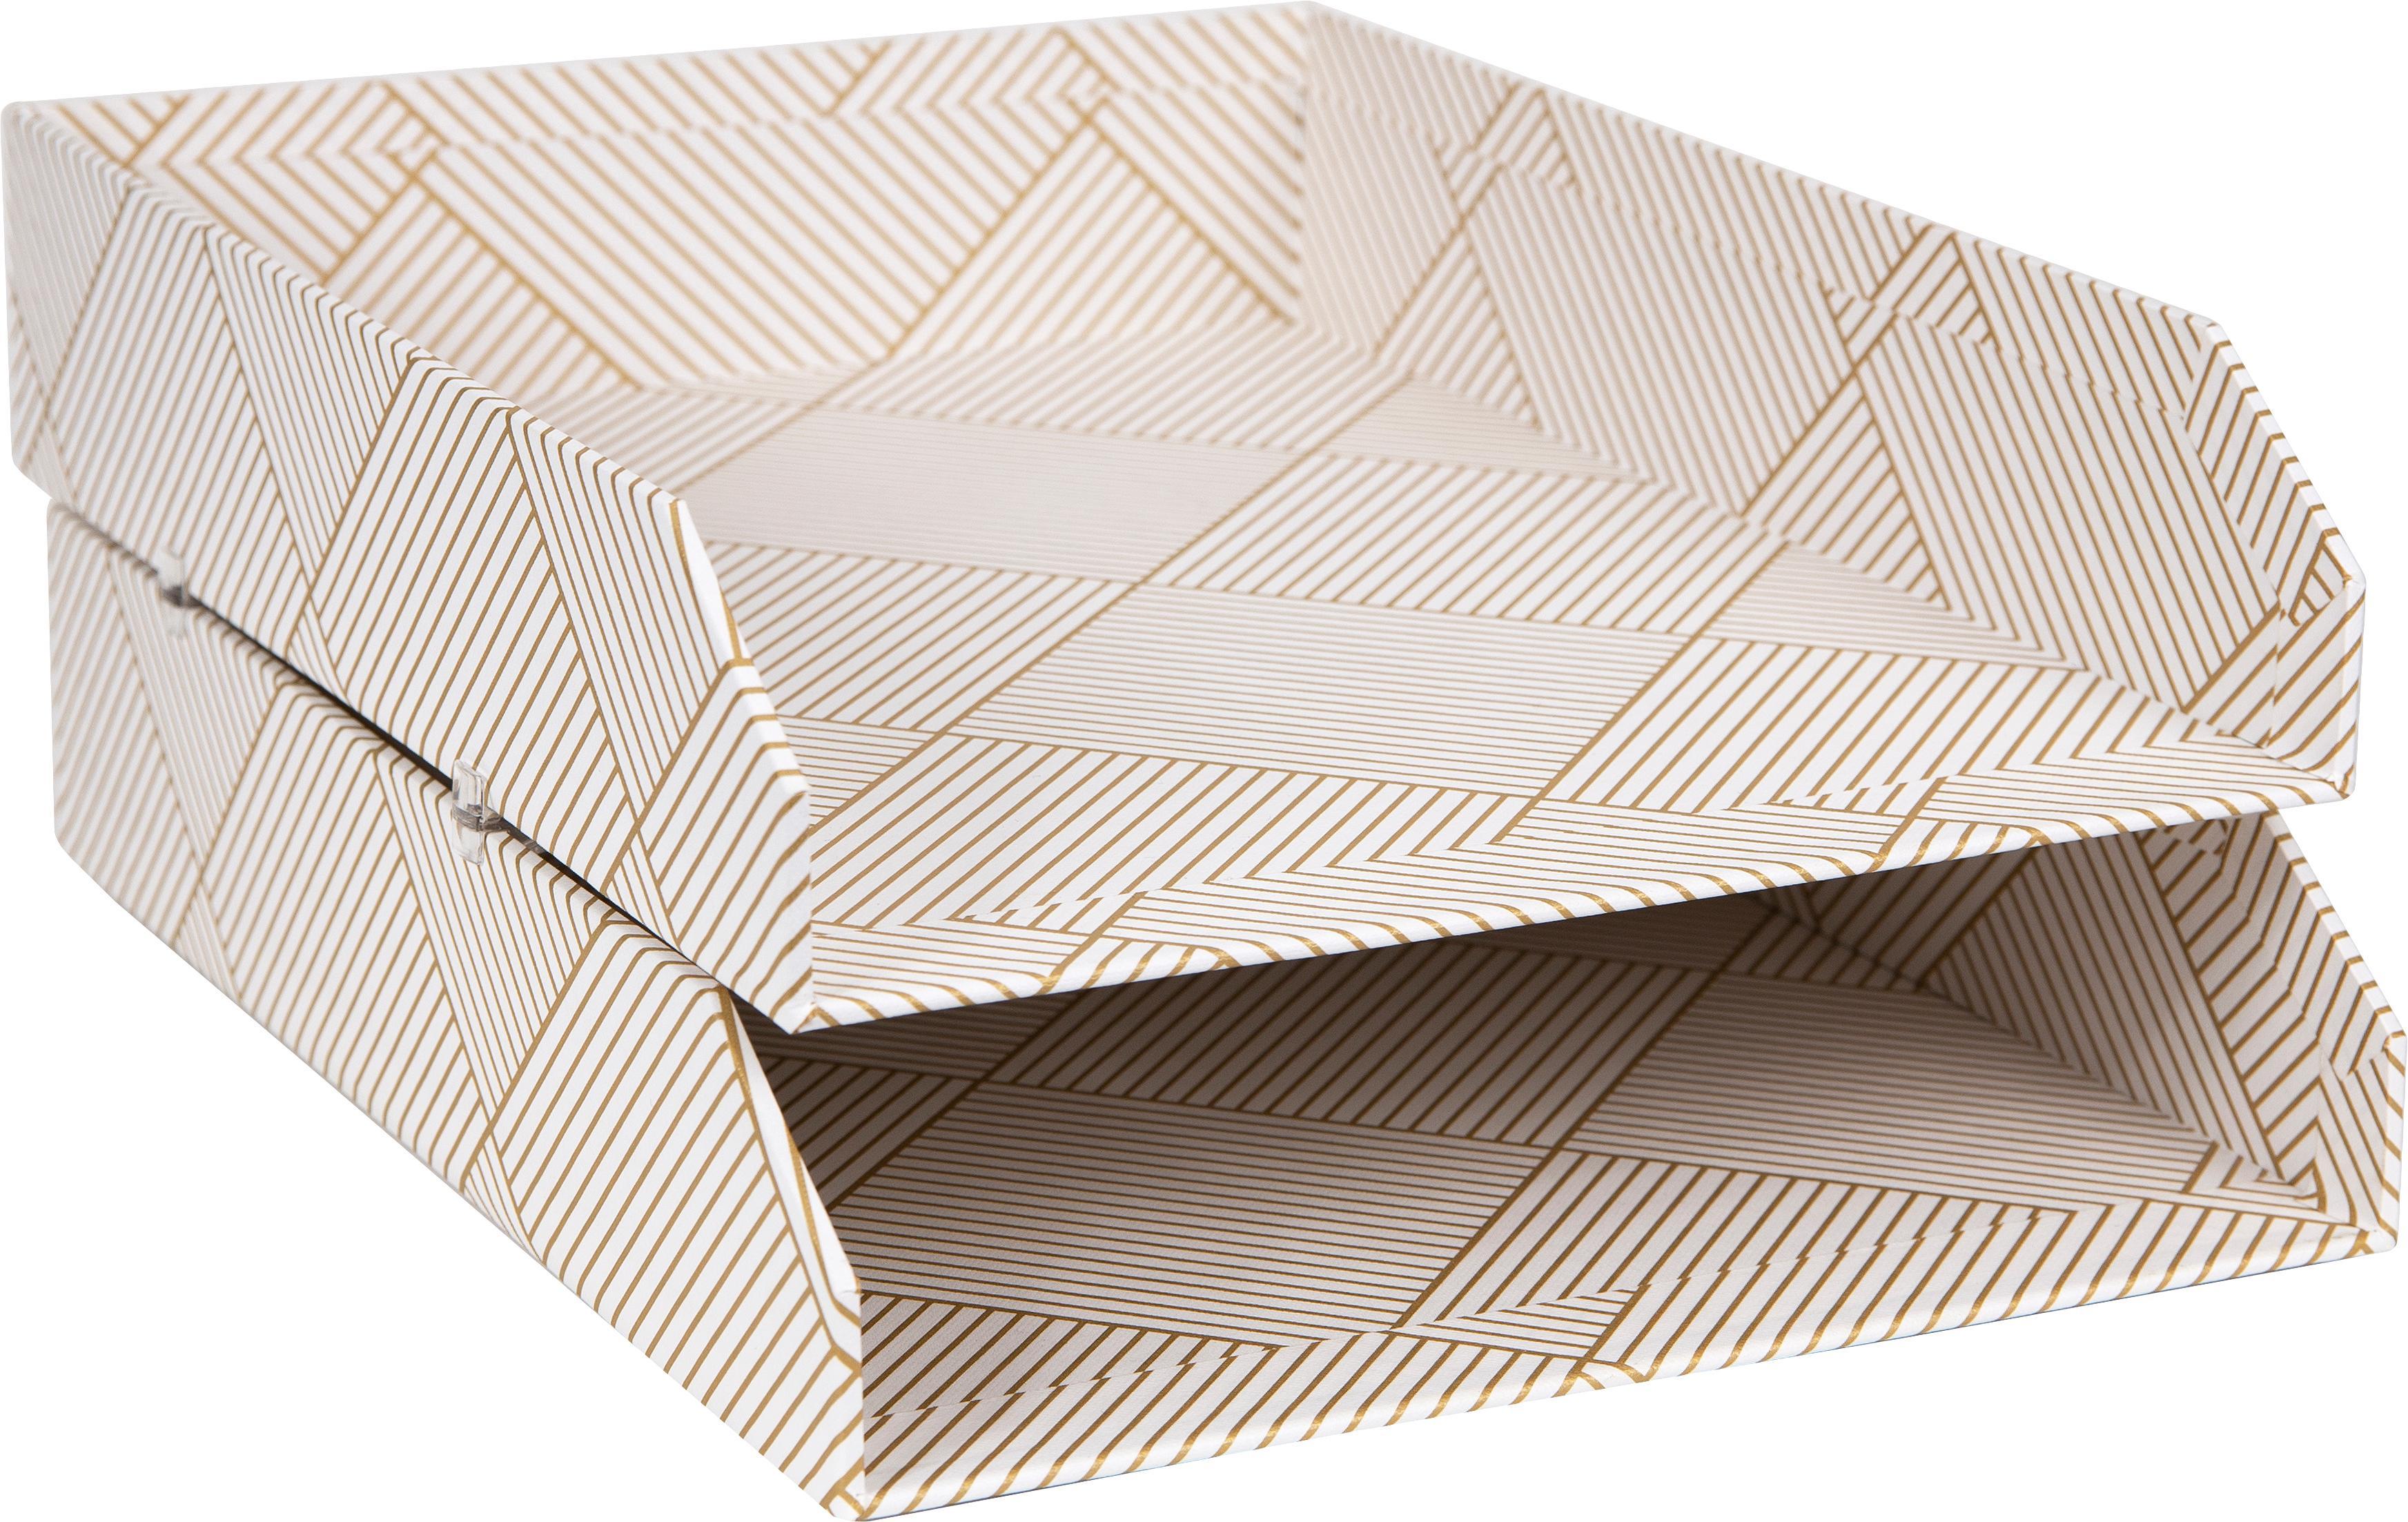 Dokumenten-Ablagen Hakan, 2 Stück, fester, laminierter Karton, Goldfarben, Weiss, B 23 x T 31 cm